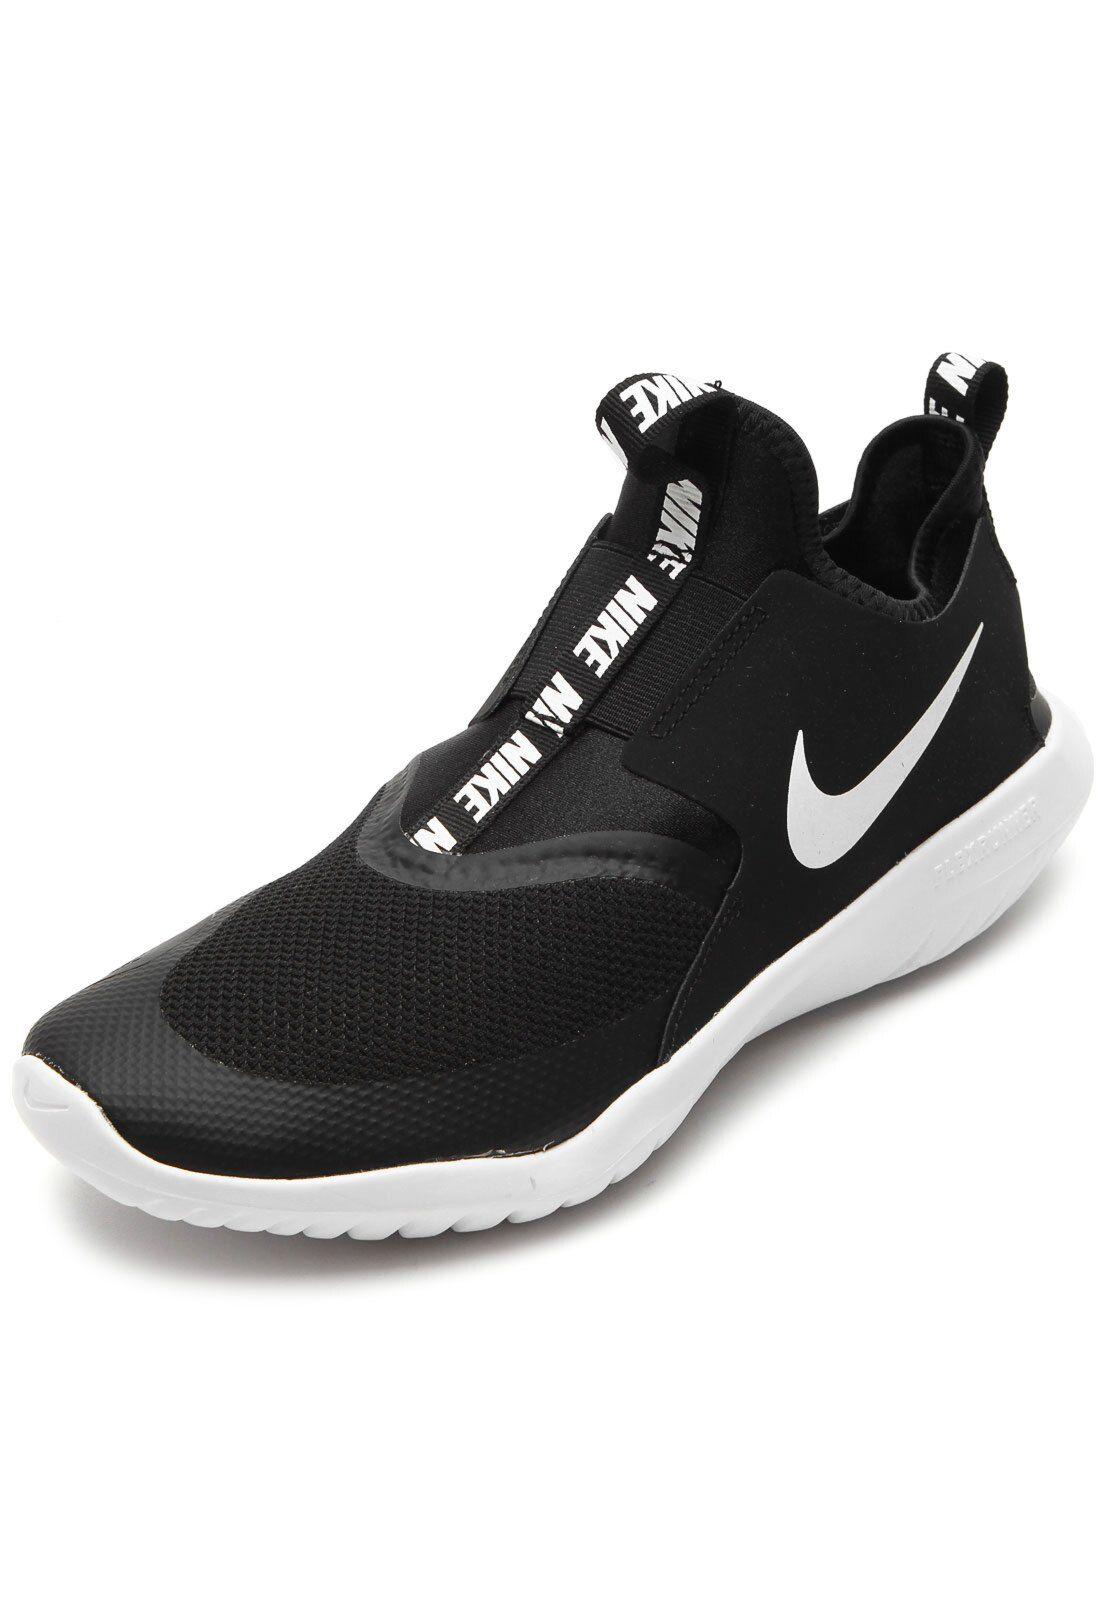 Nike Sapatos Júnior Venda | Frete Grátis |